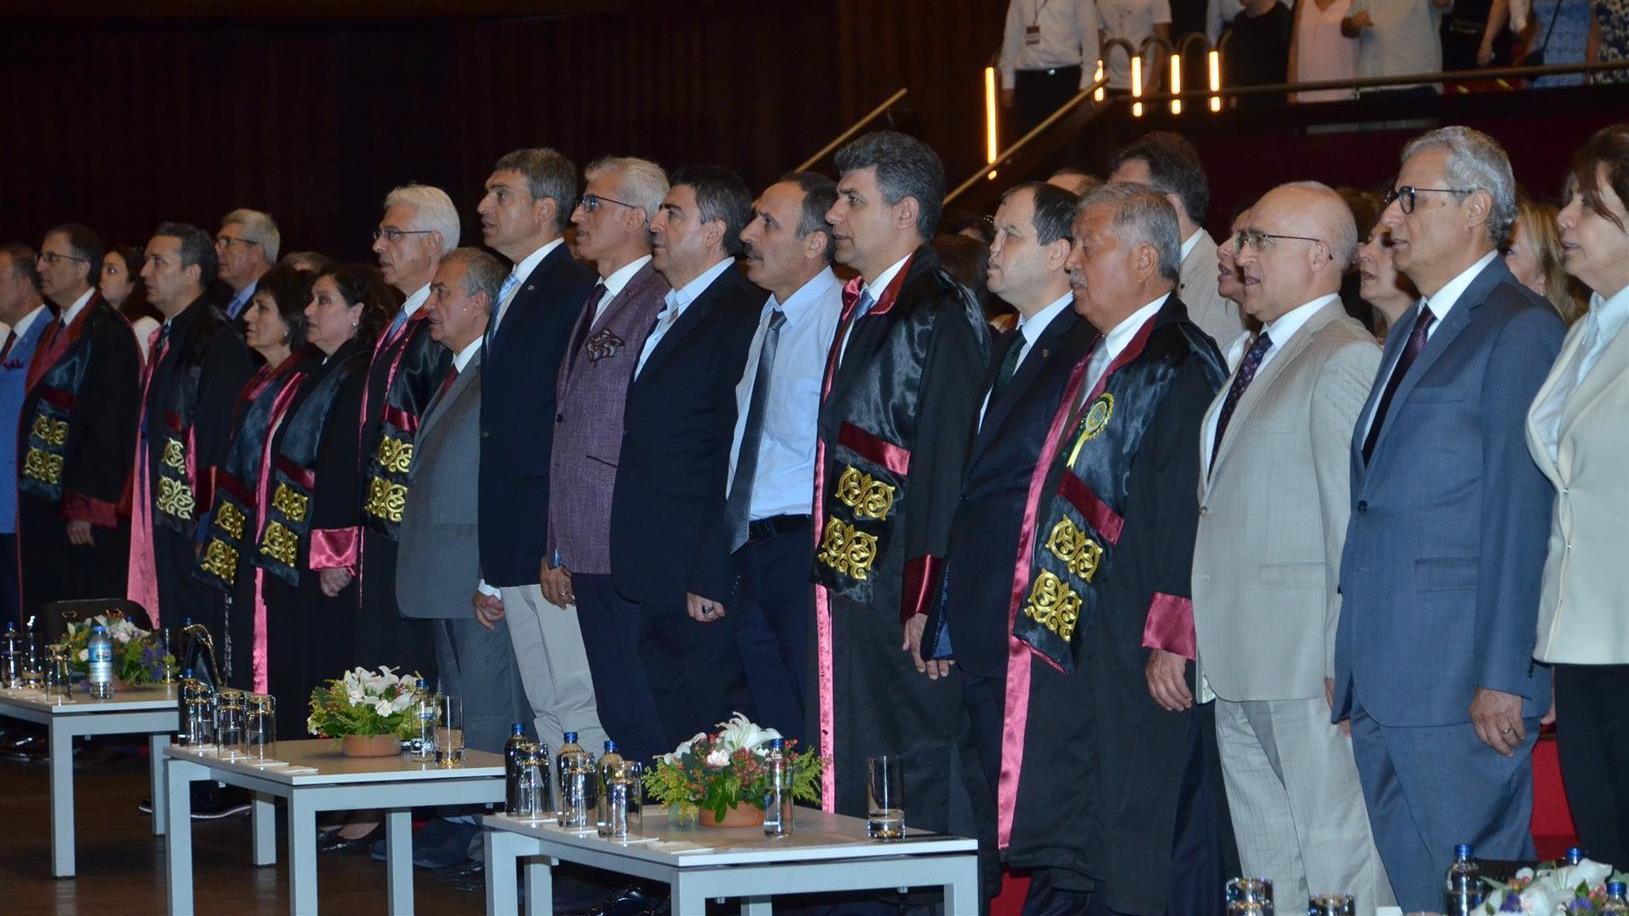 İÜ-İstanbul-Tıp-Fakültesi-2019-Yılı-Mezuniyet-Töreni-Geçekleştirildi